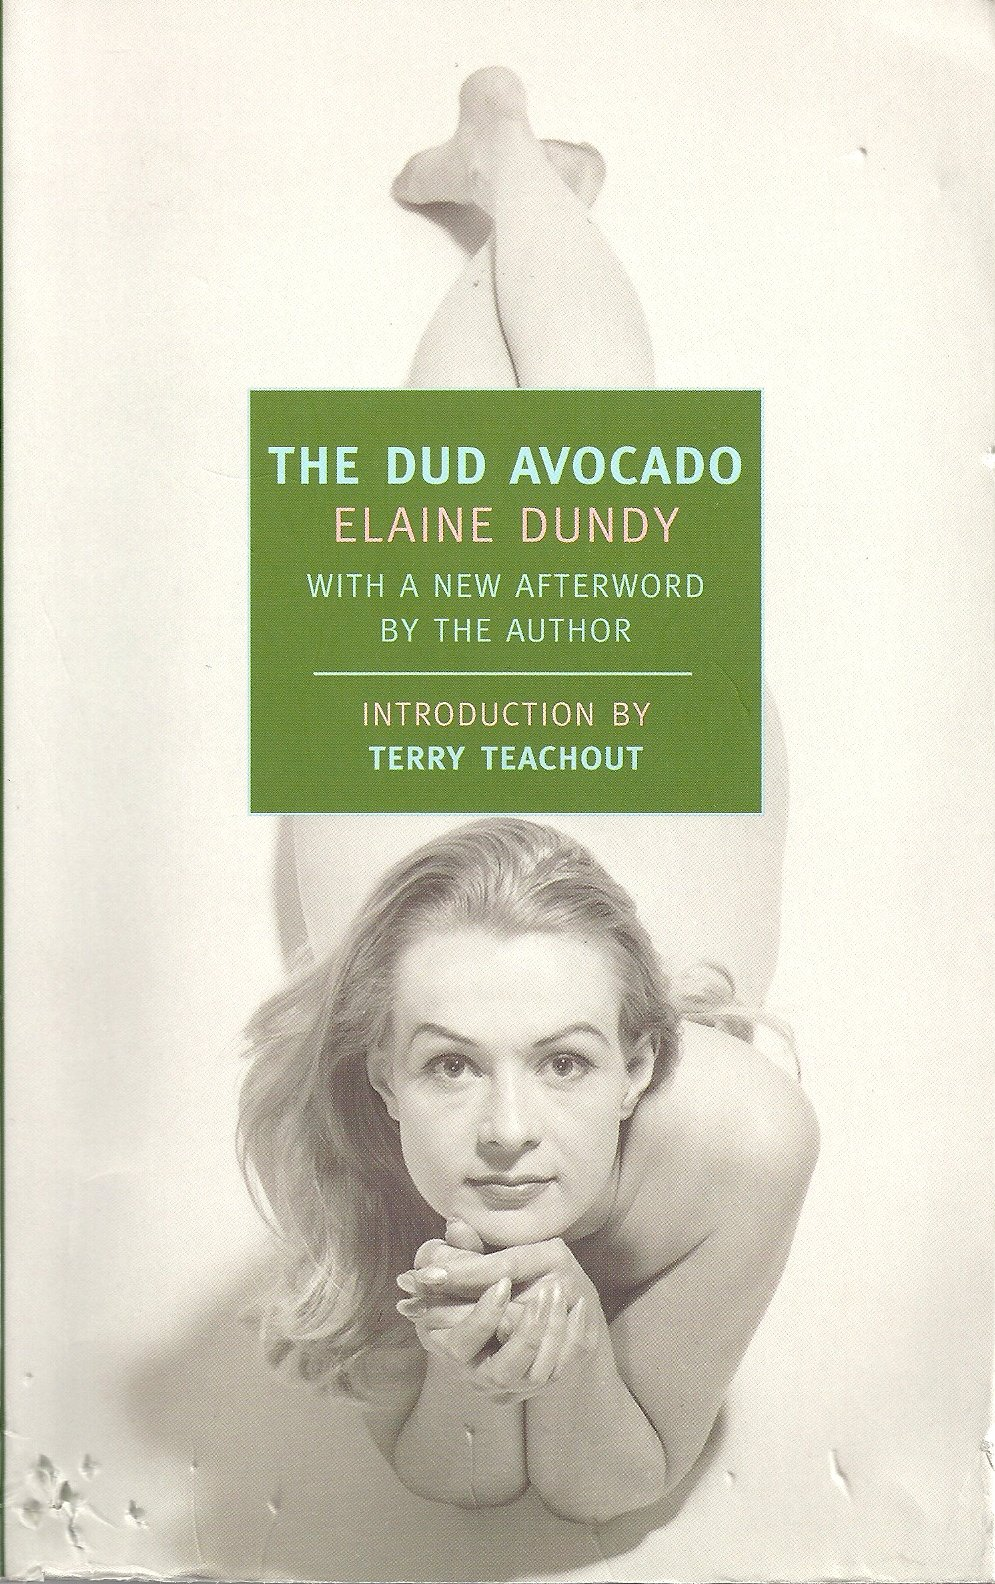 Elaine Dundy – The Dud Avocado